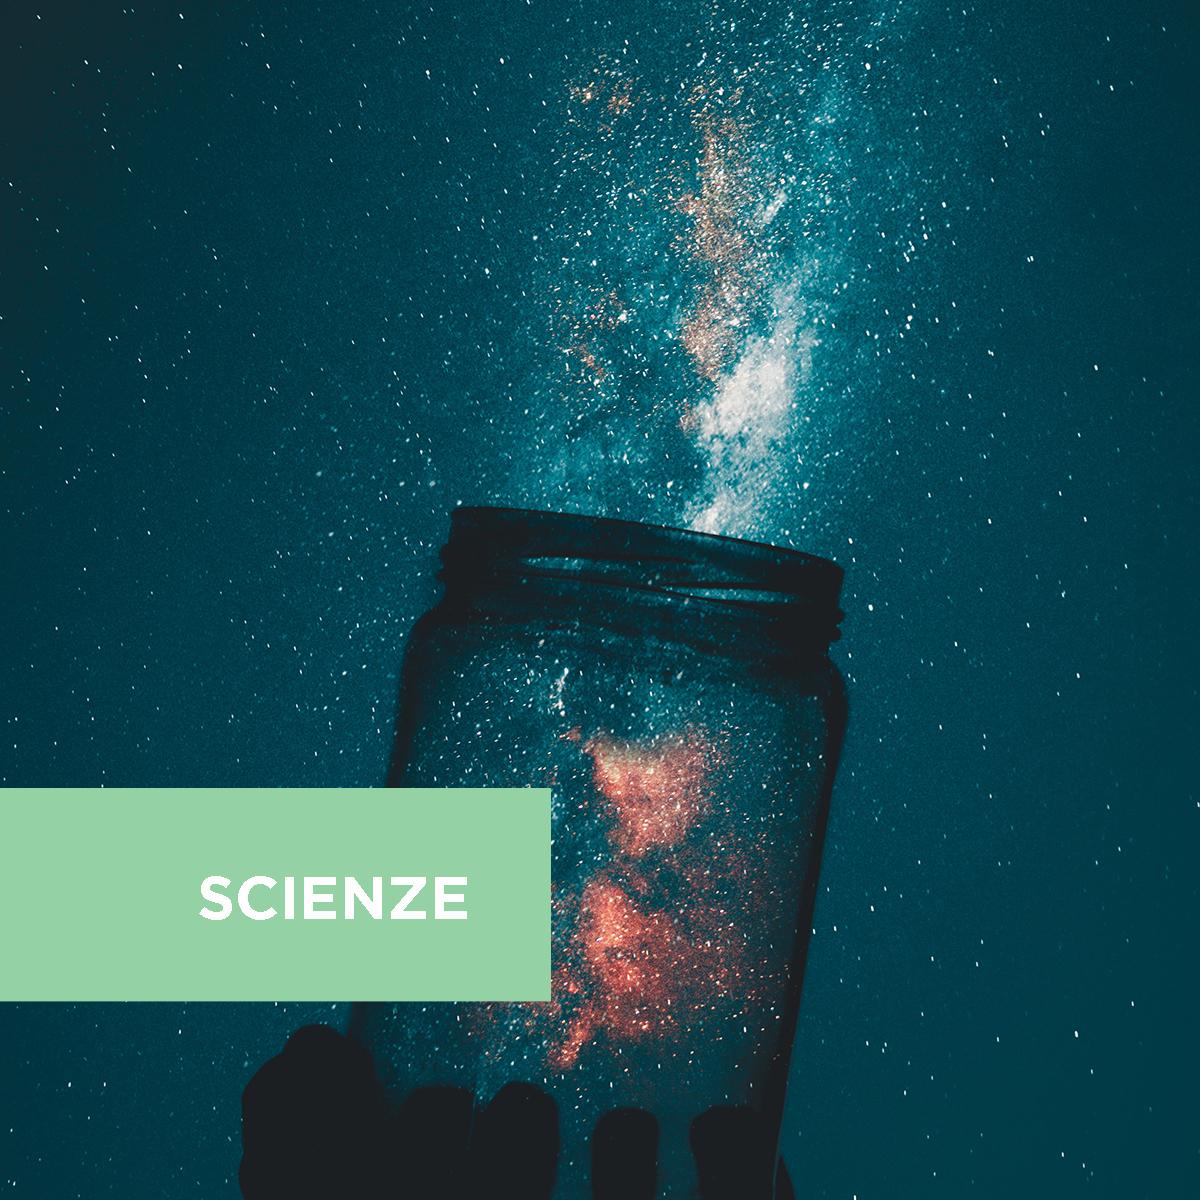 L'incipit è importante anche in scienze: tanti engage per coinvolgere gli studenti